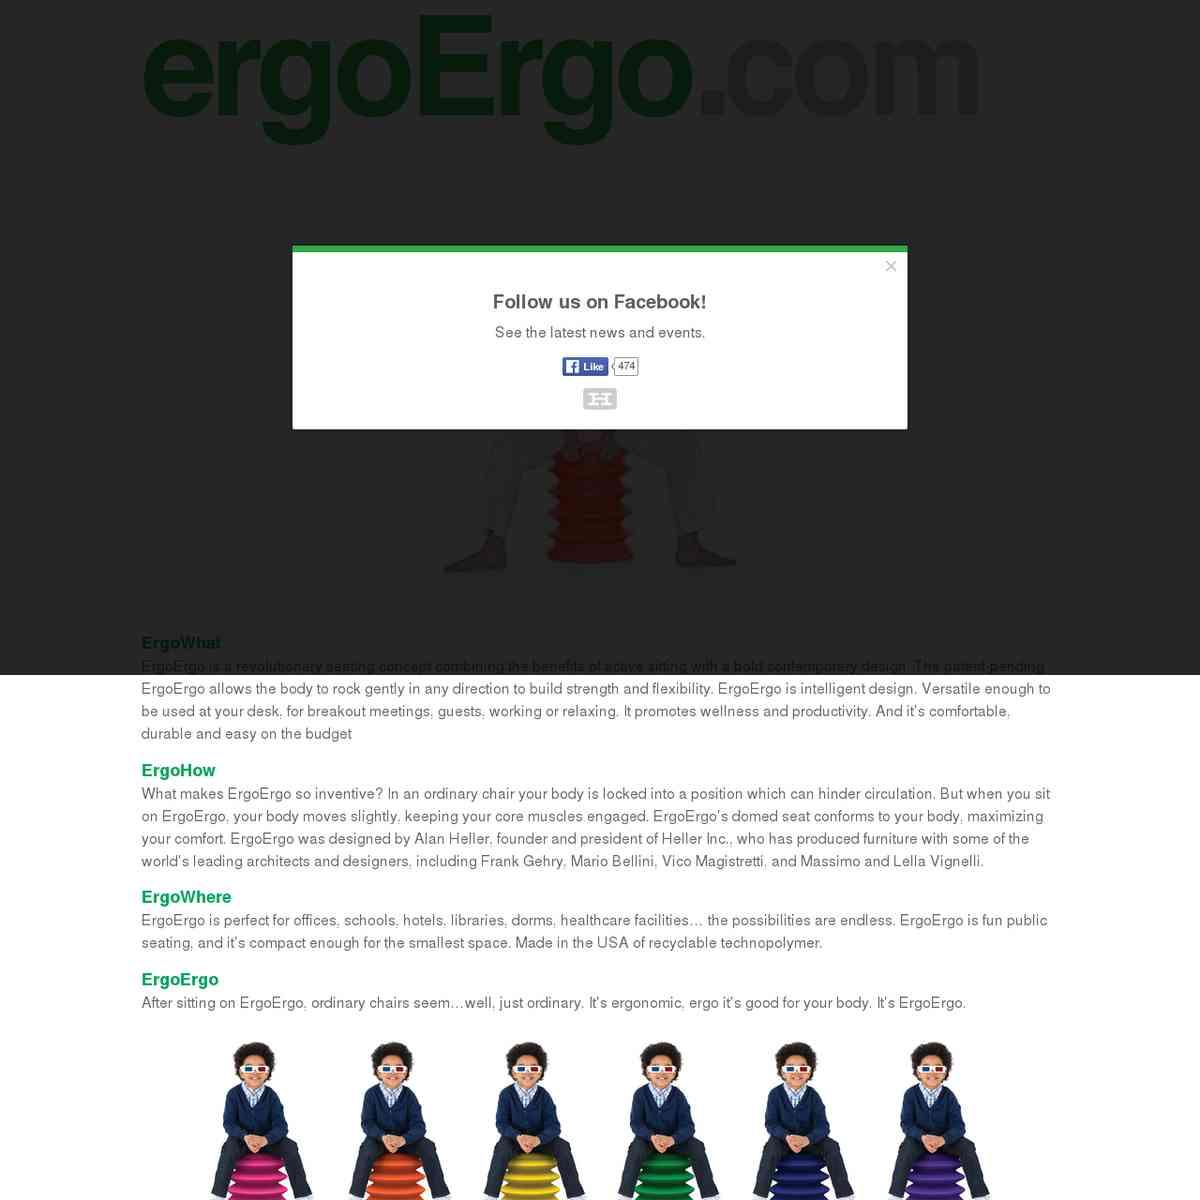 Ergo Ergo http://www.ergoergo.com